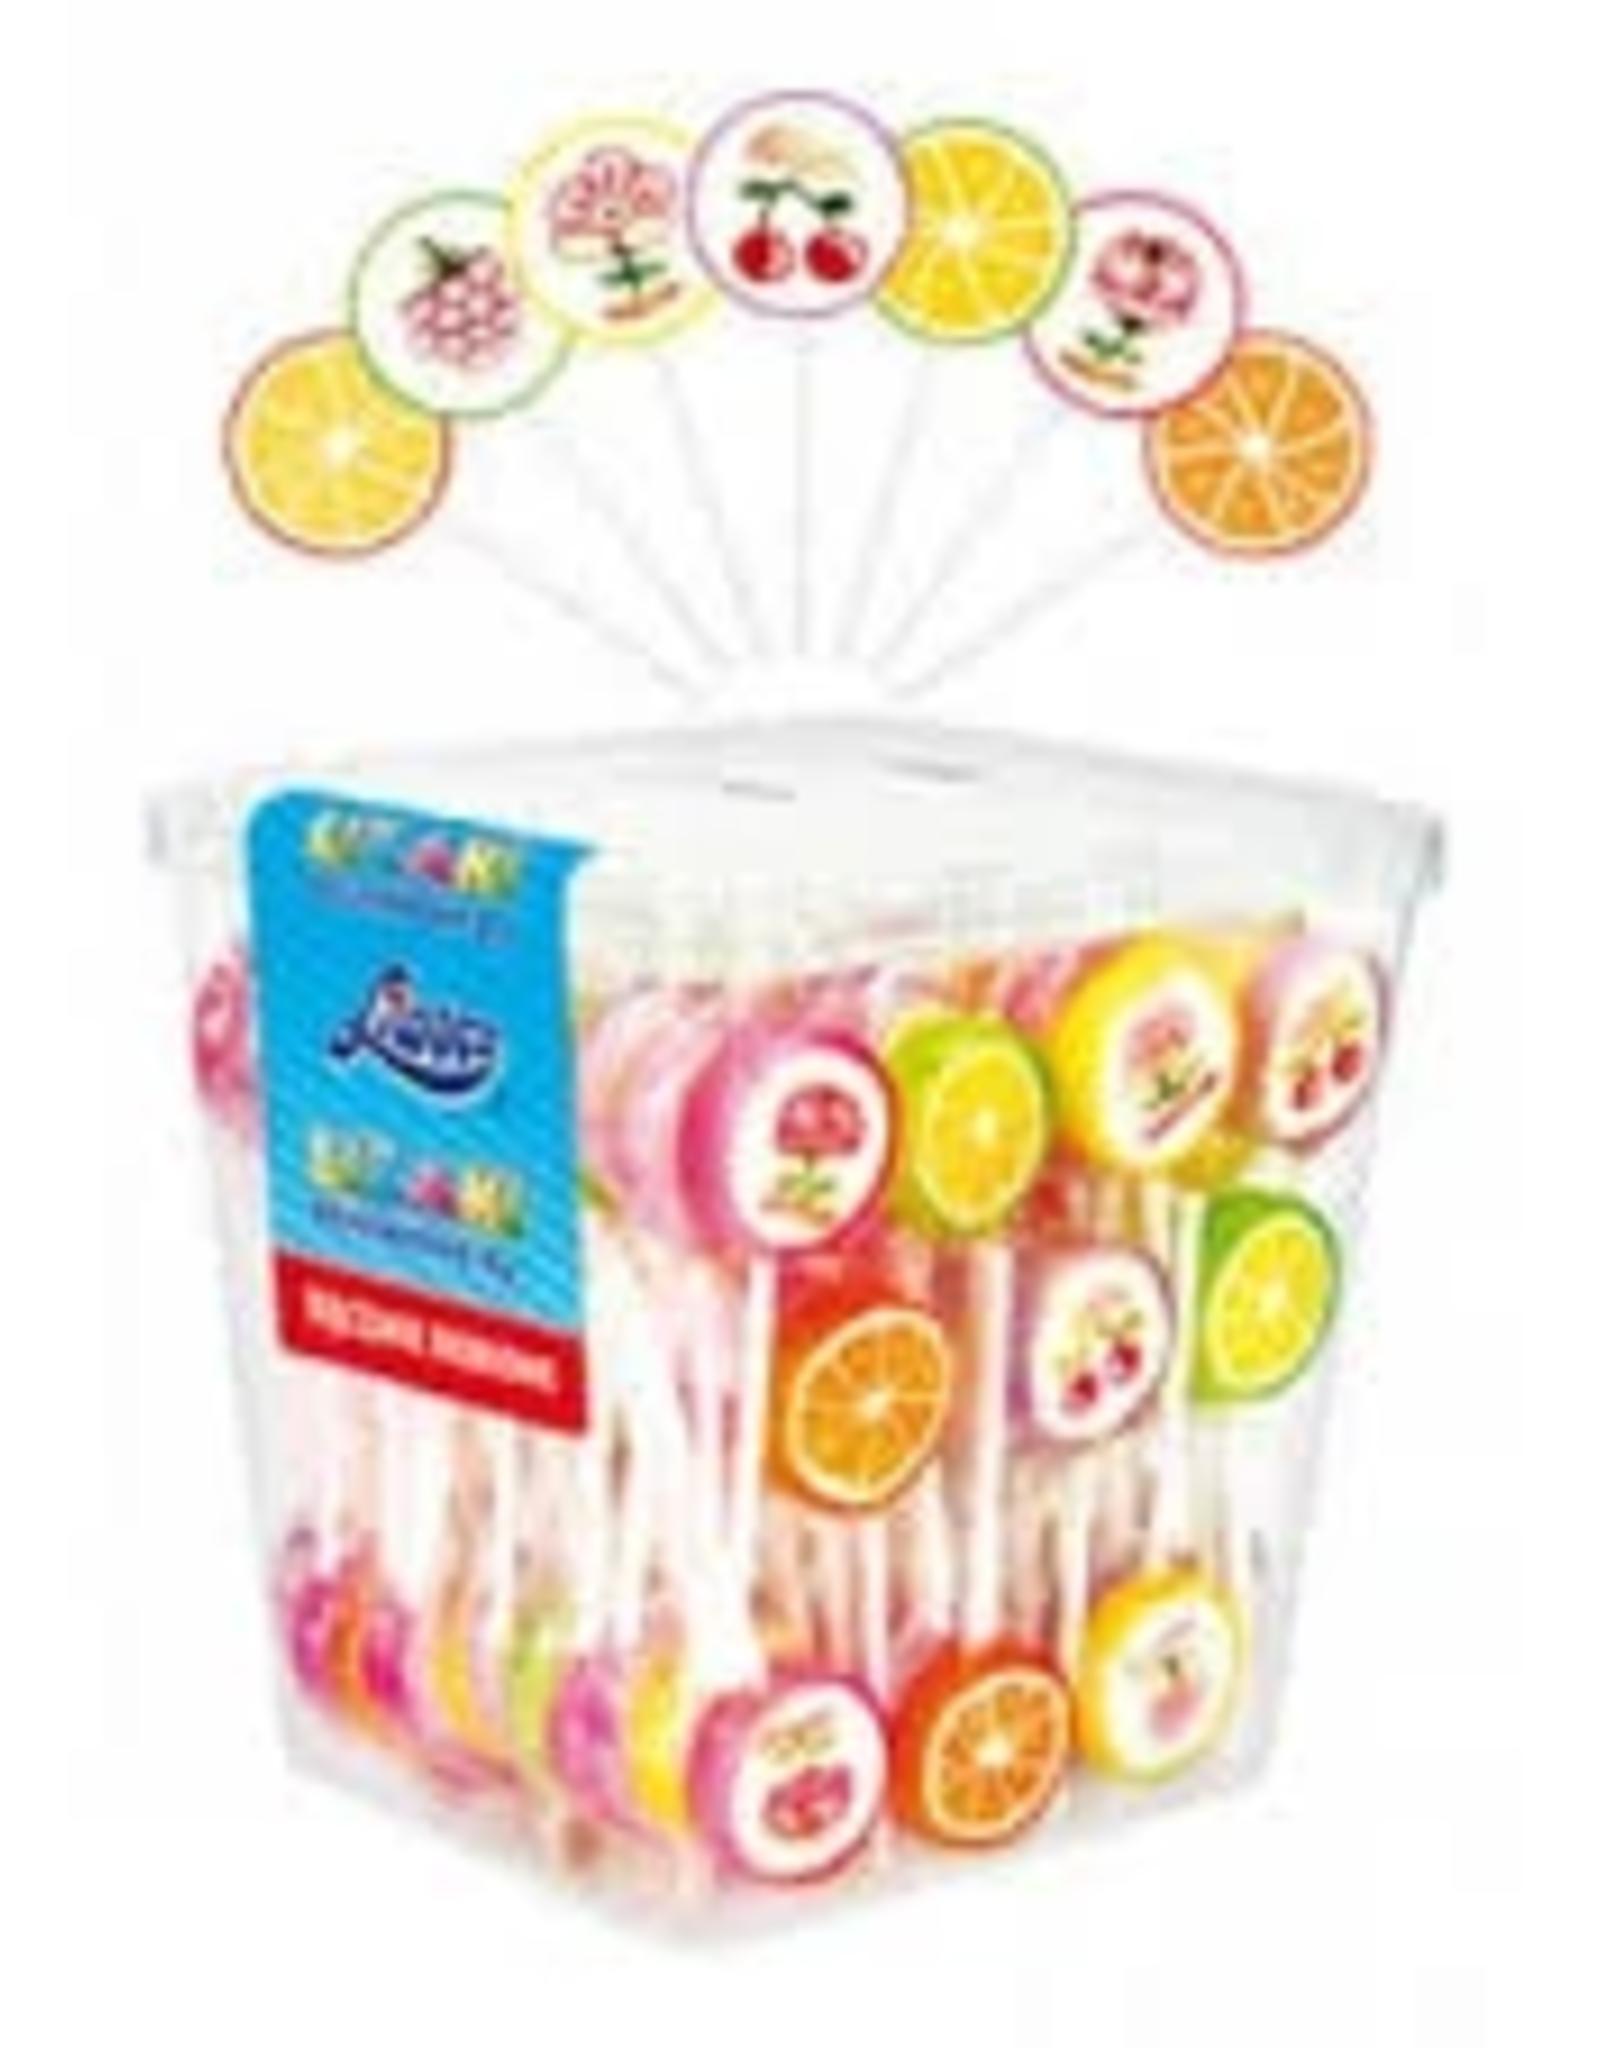 Lizaki Fancy Art Lollipop 10g (Europe)